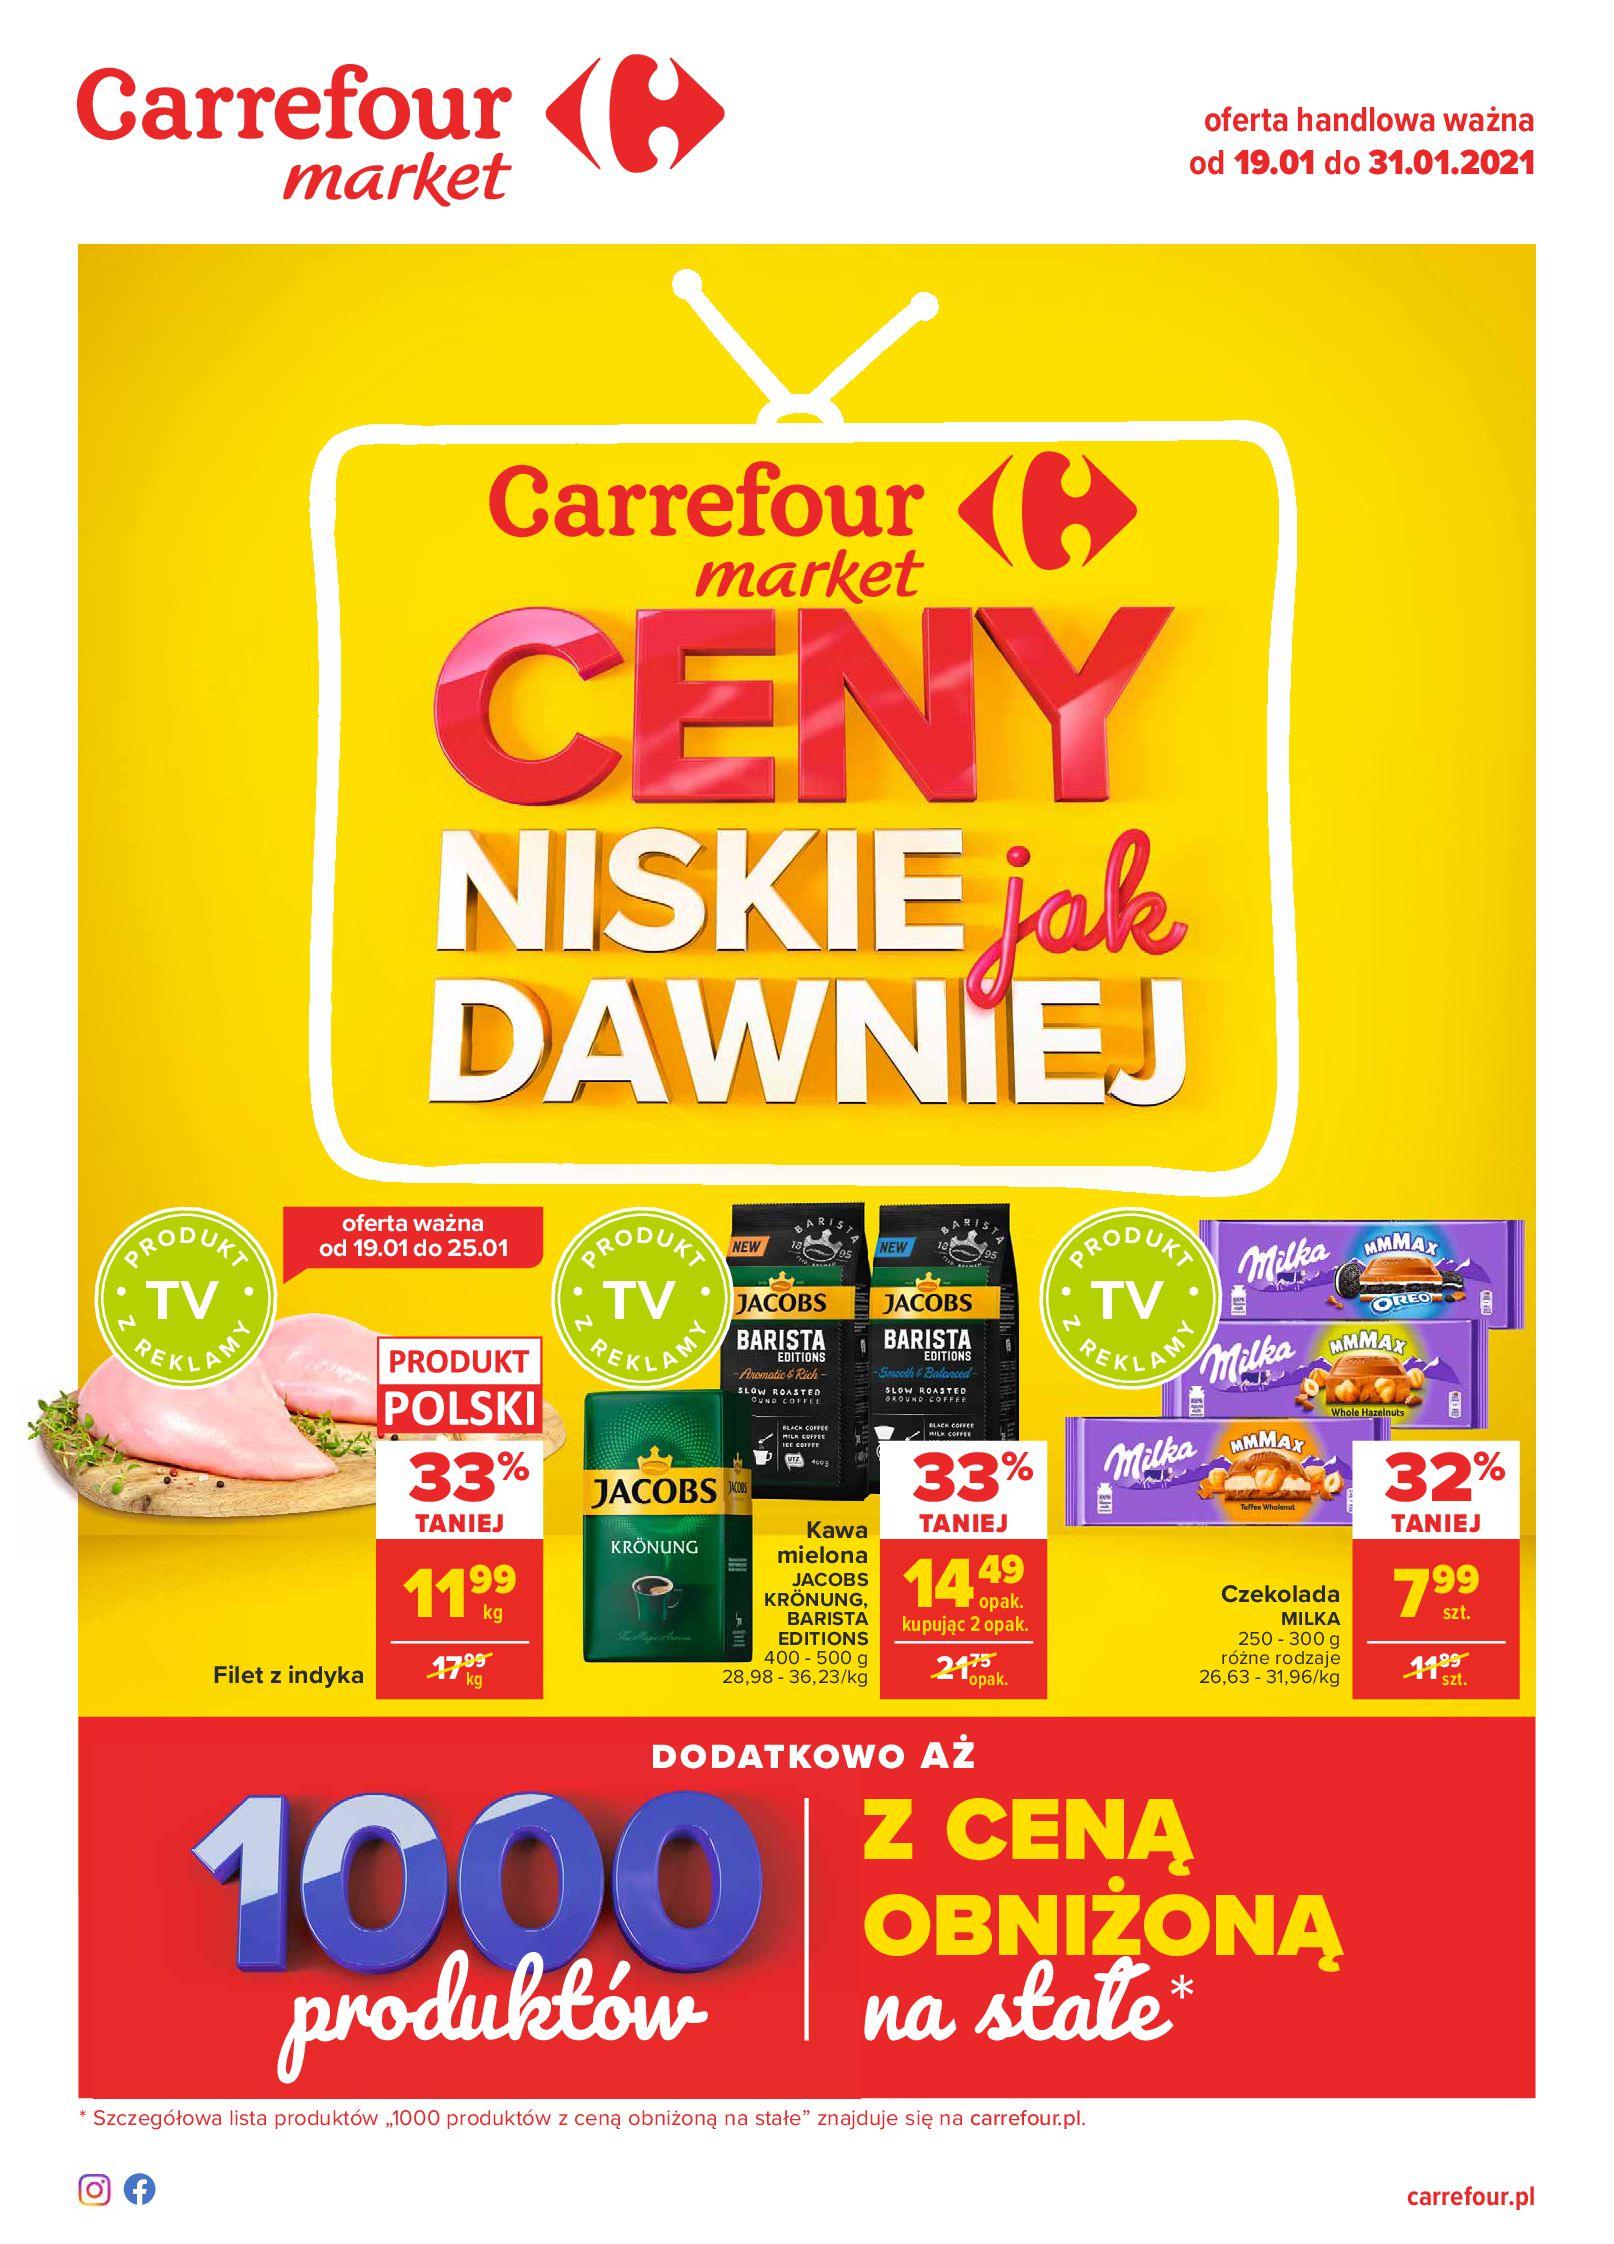 Carrefour Market:  Ceny niskie jak dawniej - Market 18.01.2021